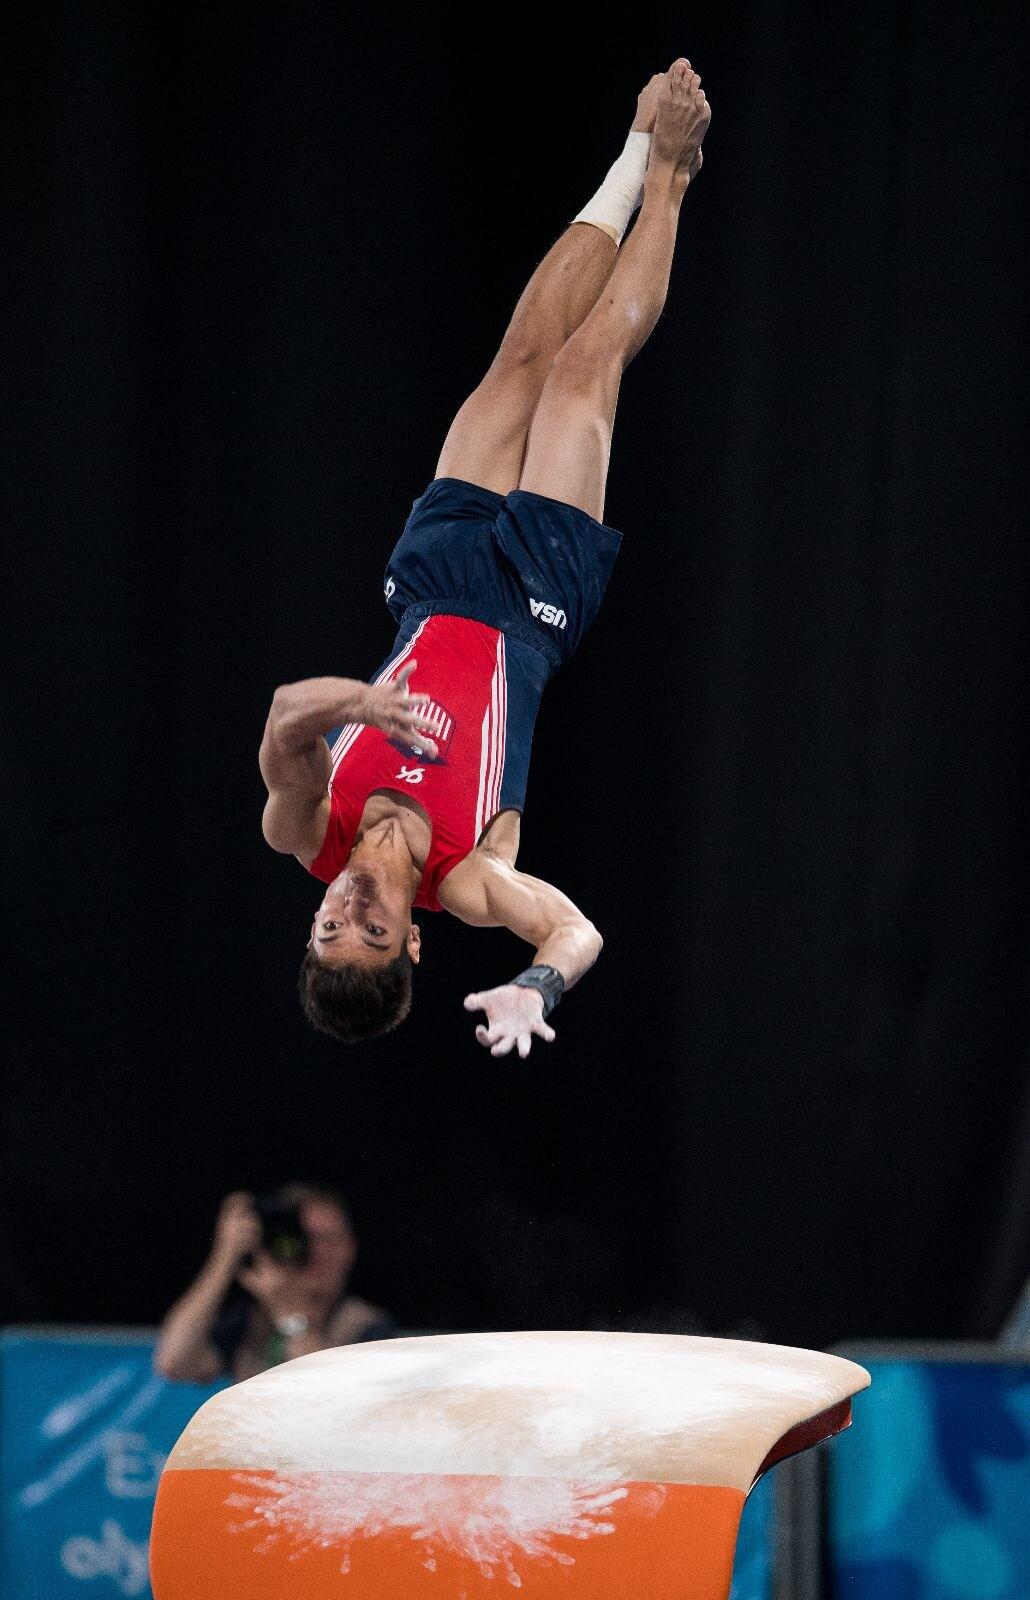 Buenos Aires 2018 - Gymnastique artistique - Saut hommes